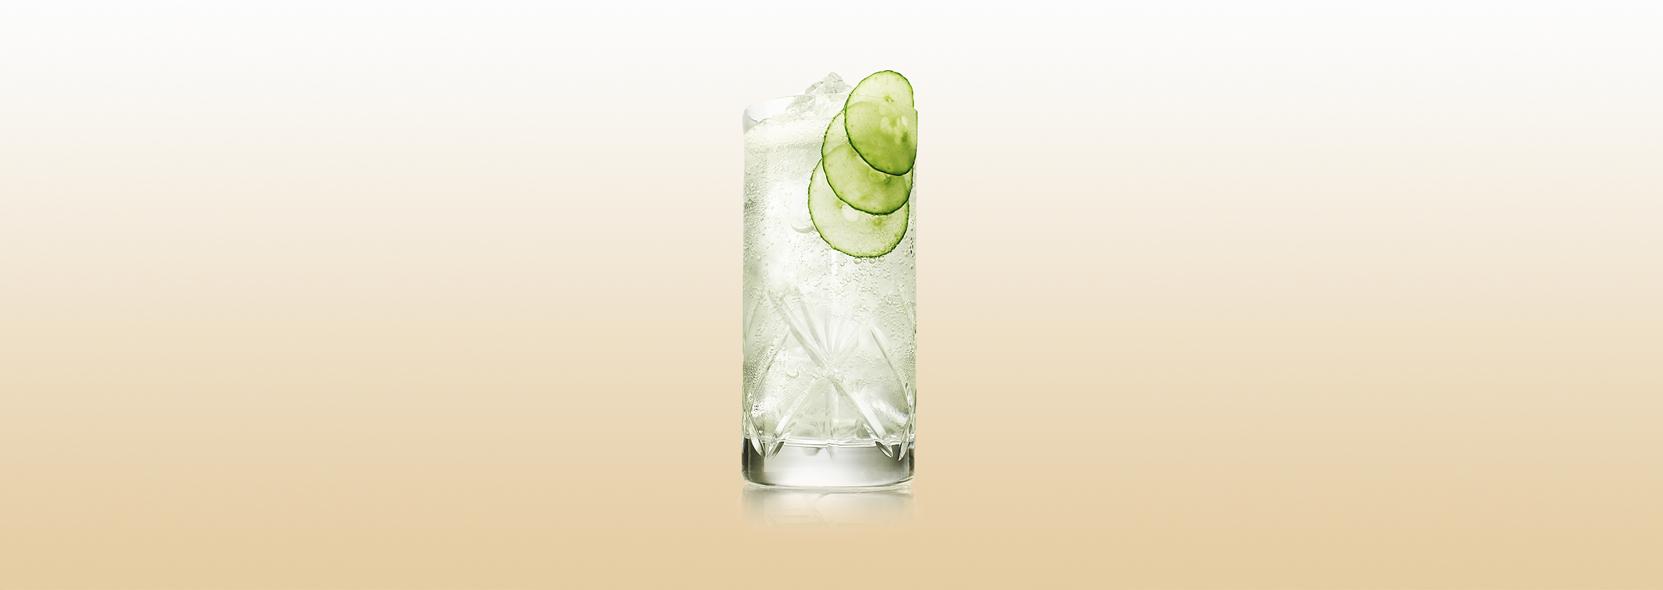 Hendricks Gin and Tonic